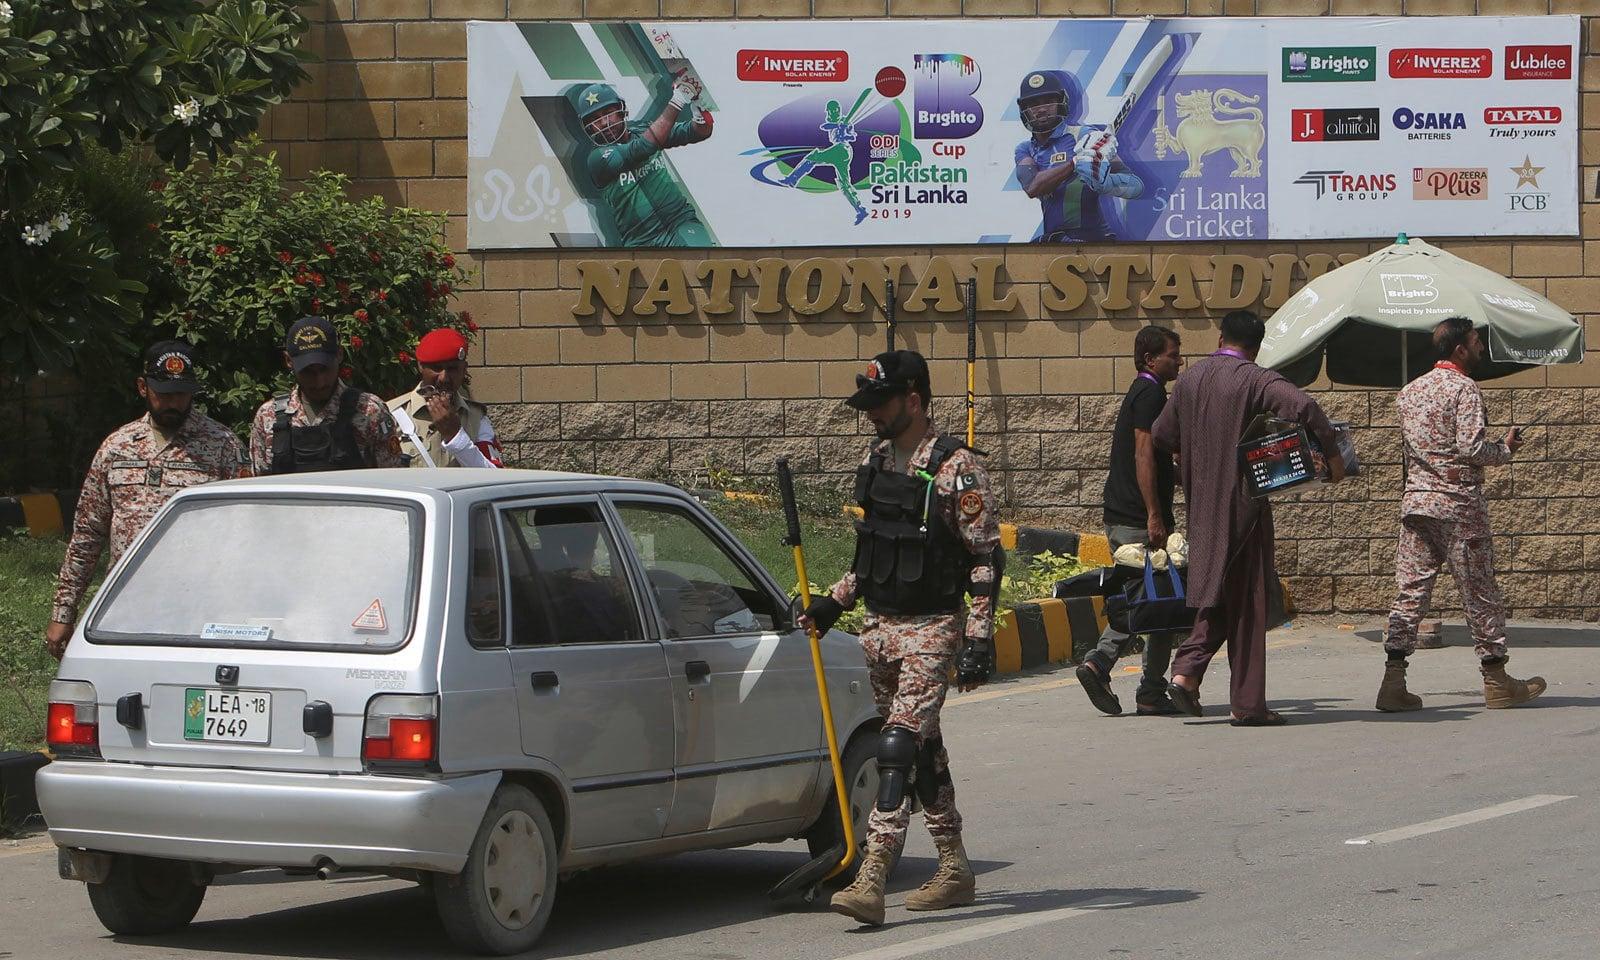 نیشنل اسٹیڈیم کے مرکزی دروازے پر سیکیورٹی آفیشلز گاڑیوں کی چیکنگ کر رہے ہیں— فوٹو: اے ایف پی